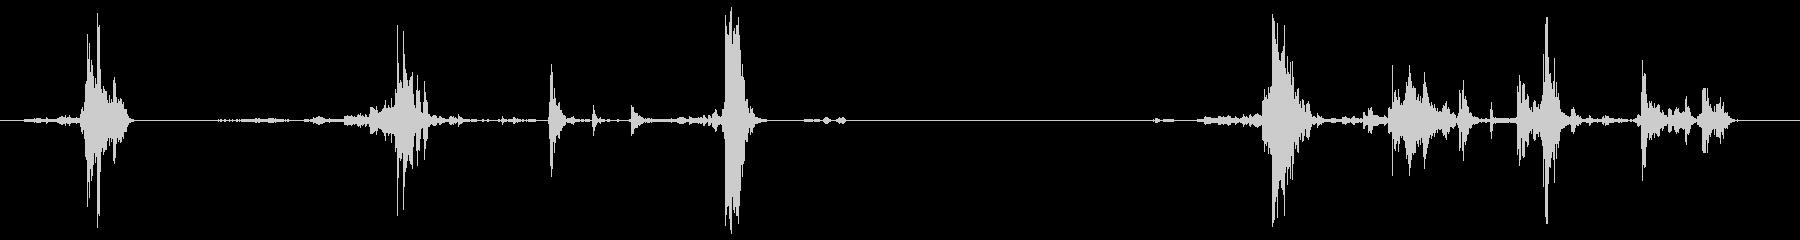 ラージゴールドコインポーチ:シェー...の未再生の波形